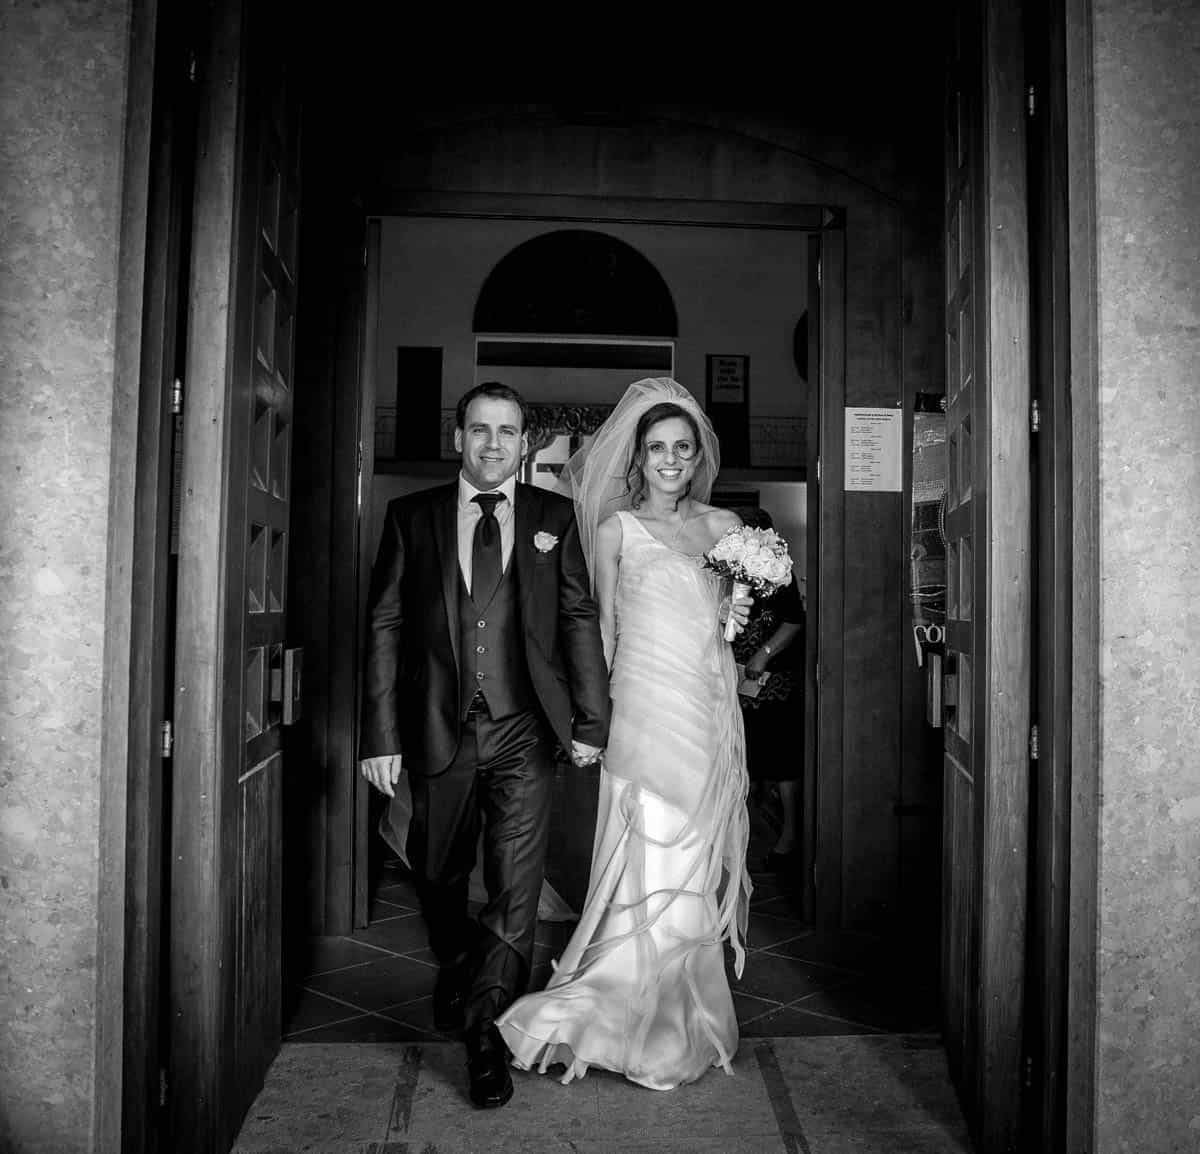 wedding italy 2 - Luxury Wedding Gallery